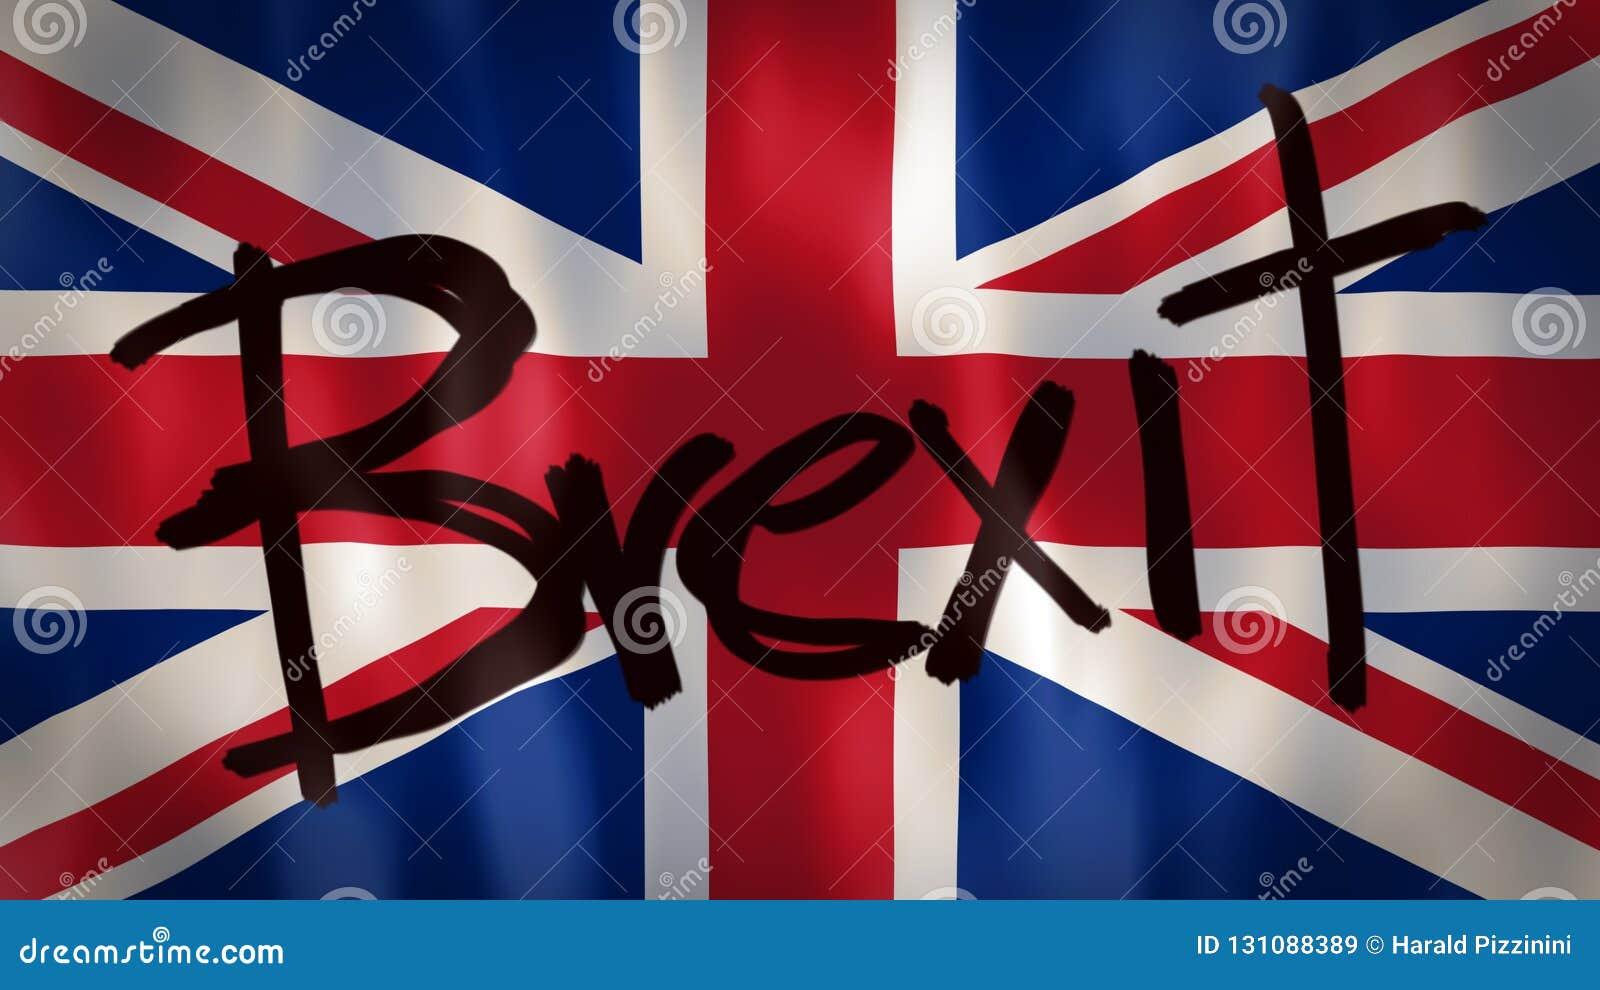 Bandera Inglesa Con La Palabra Brexit Cantidad Ideal Para